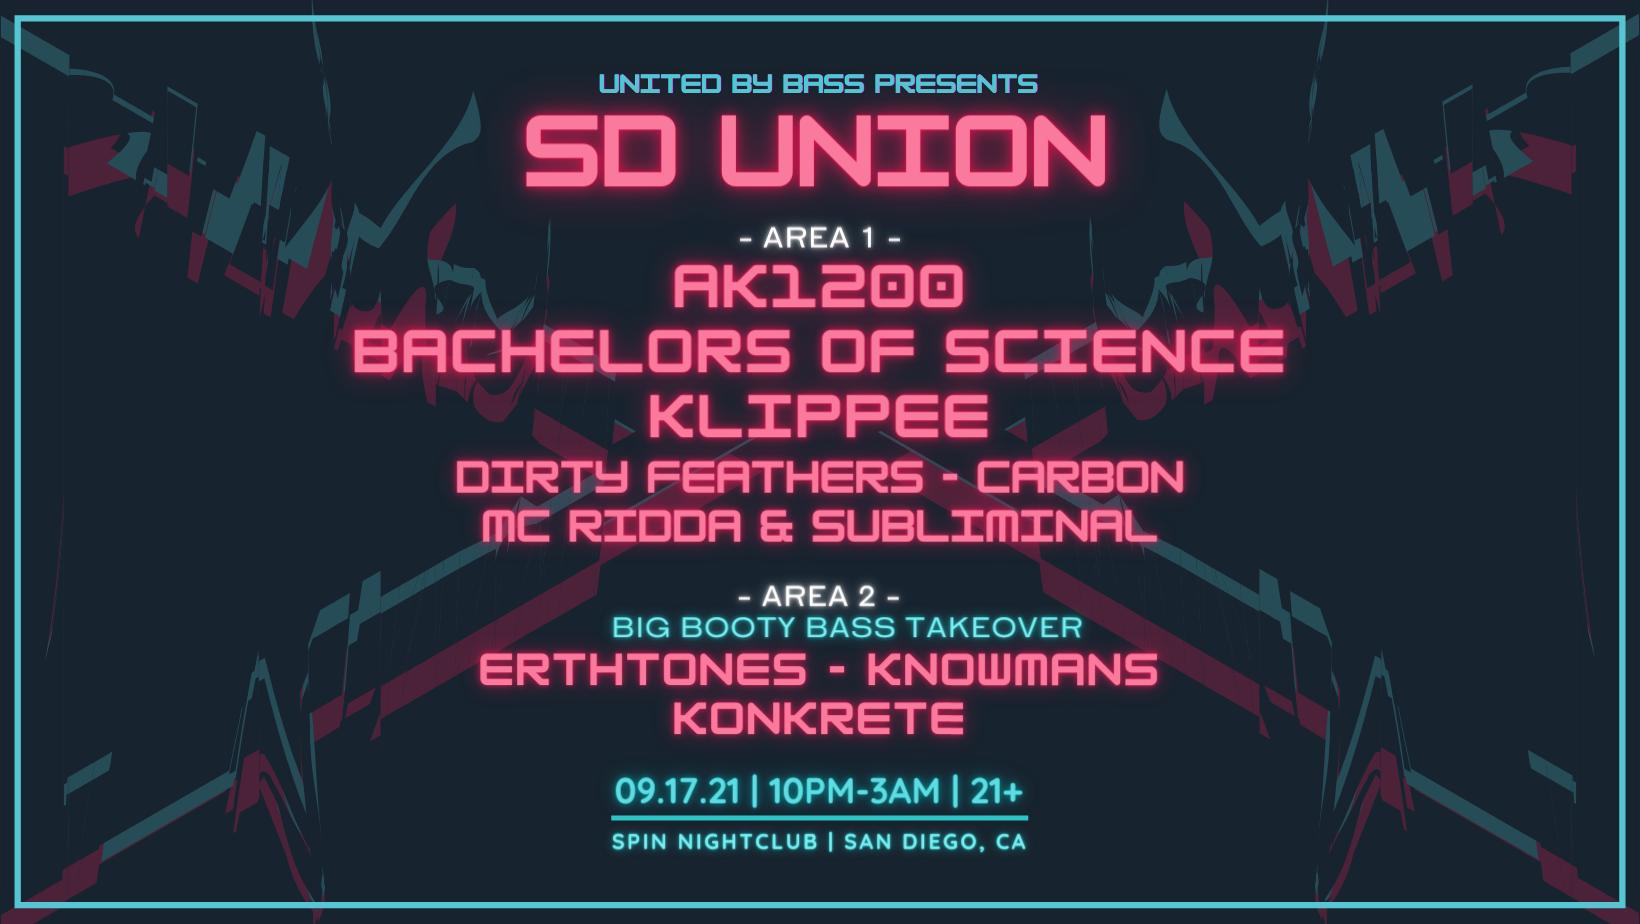 SD Union w/ AK1200, Bachelors Of Science, Klippee + More - SD Union w/ AK1200, Bachelors Of Science, Klippee + More